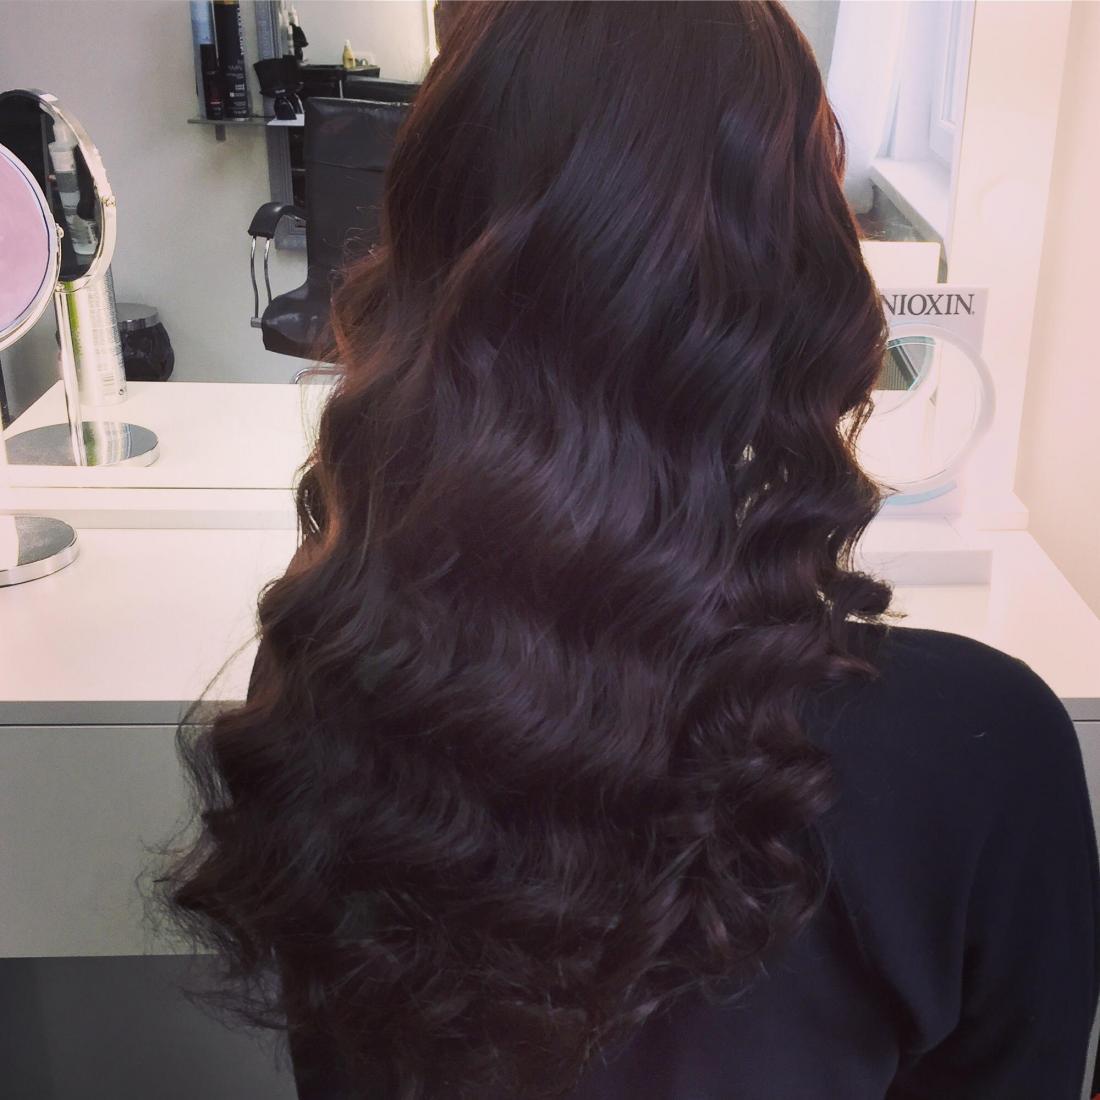 Окрашивание, прически, ботокс, укрепление и восстановление волос от 12 руб.